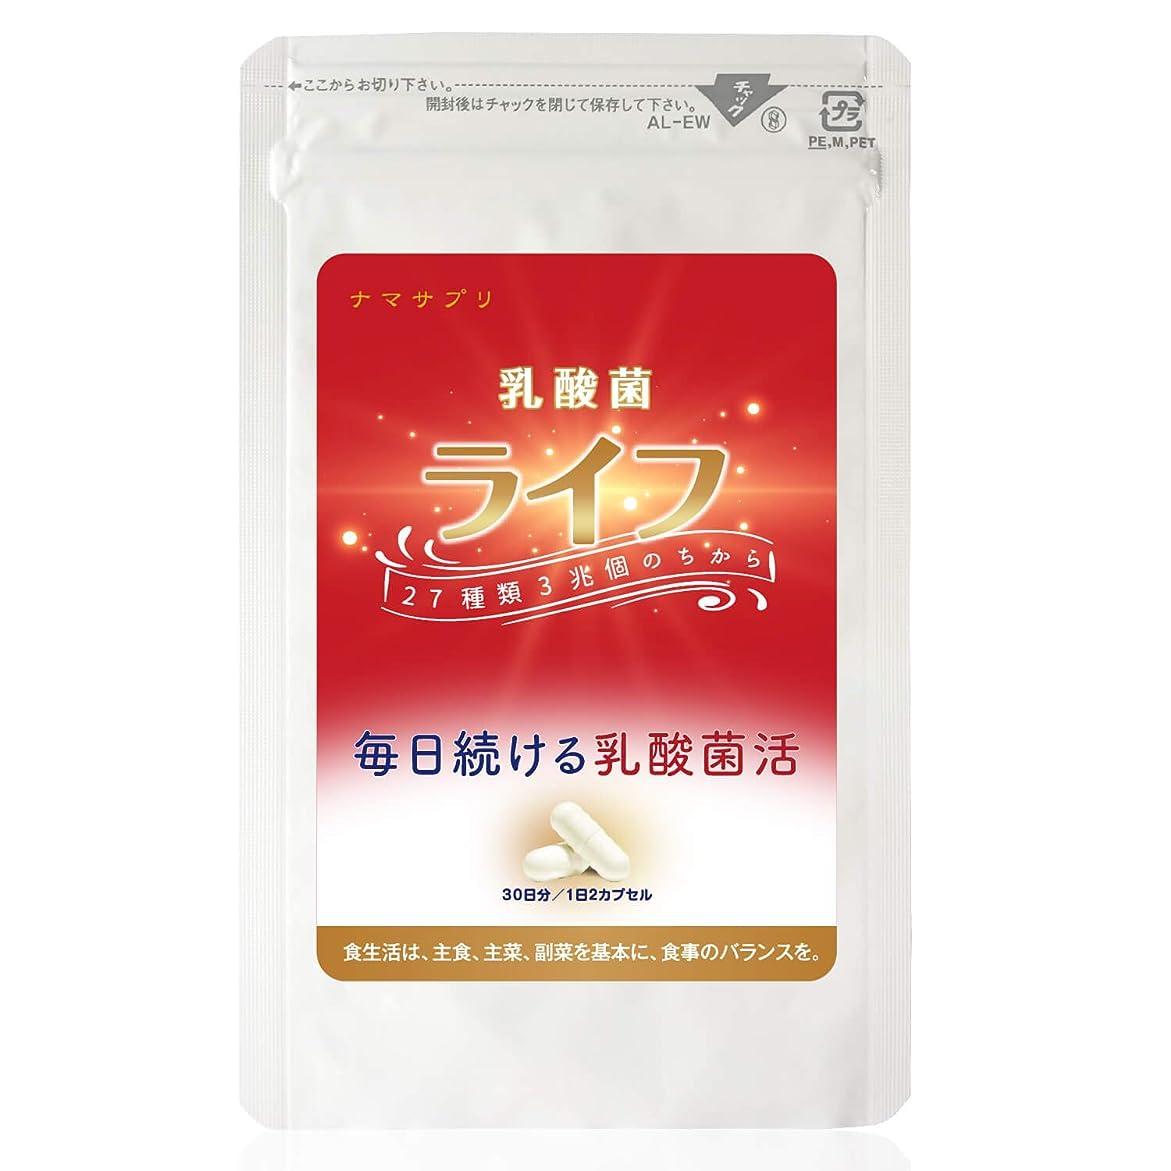 ケイ素フィヨルドデッキ乳酸菌 ライフ 27種類3兆個の乳酸菌 サプリメント ビフィズス菌 オリゴ糖 30日分 ナマサプリ